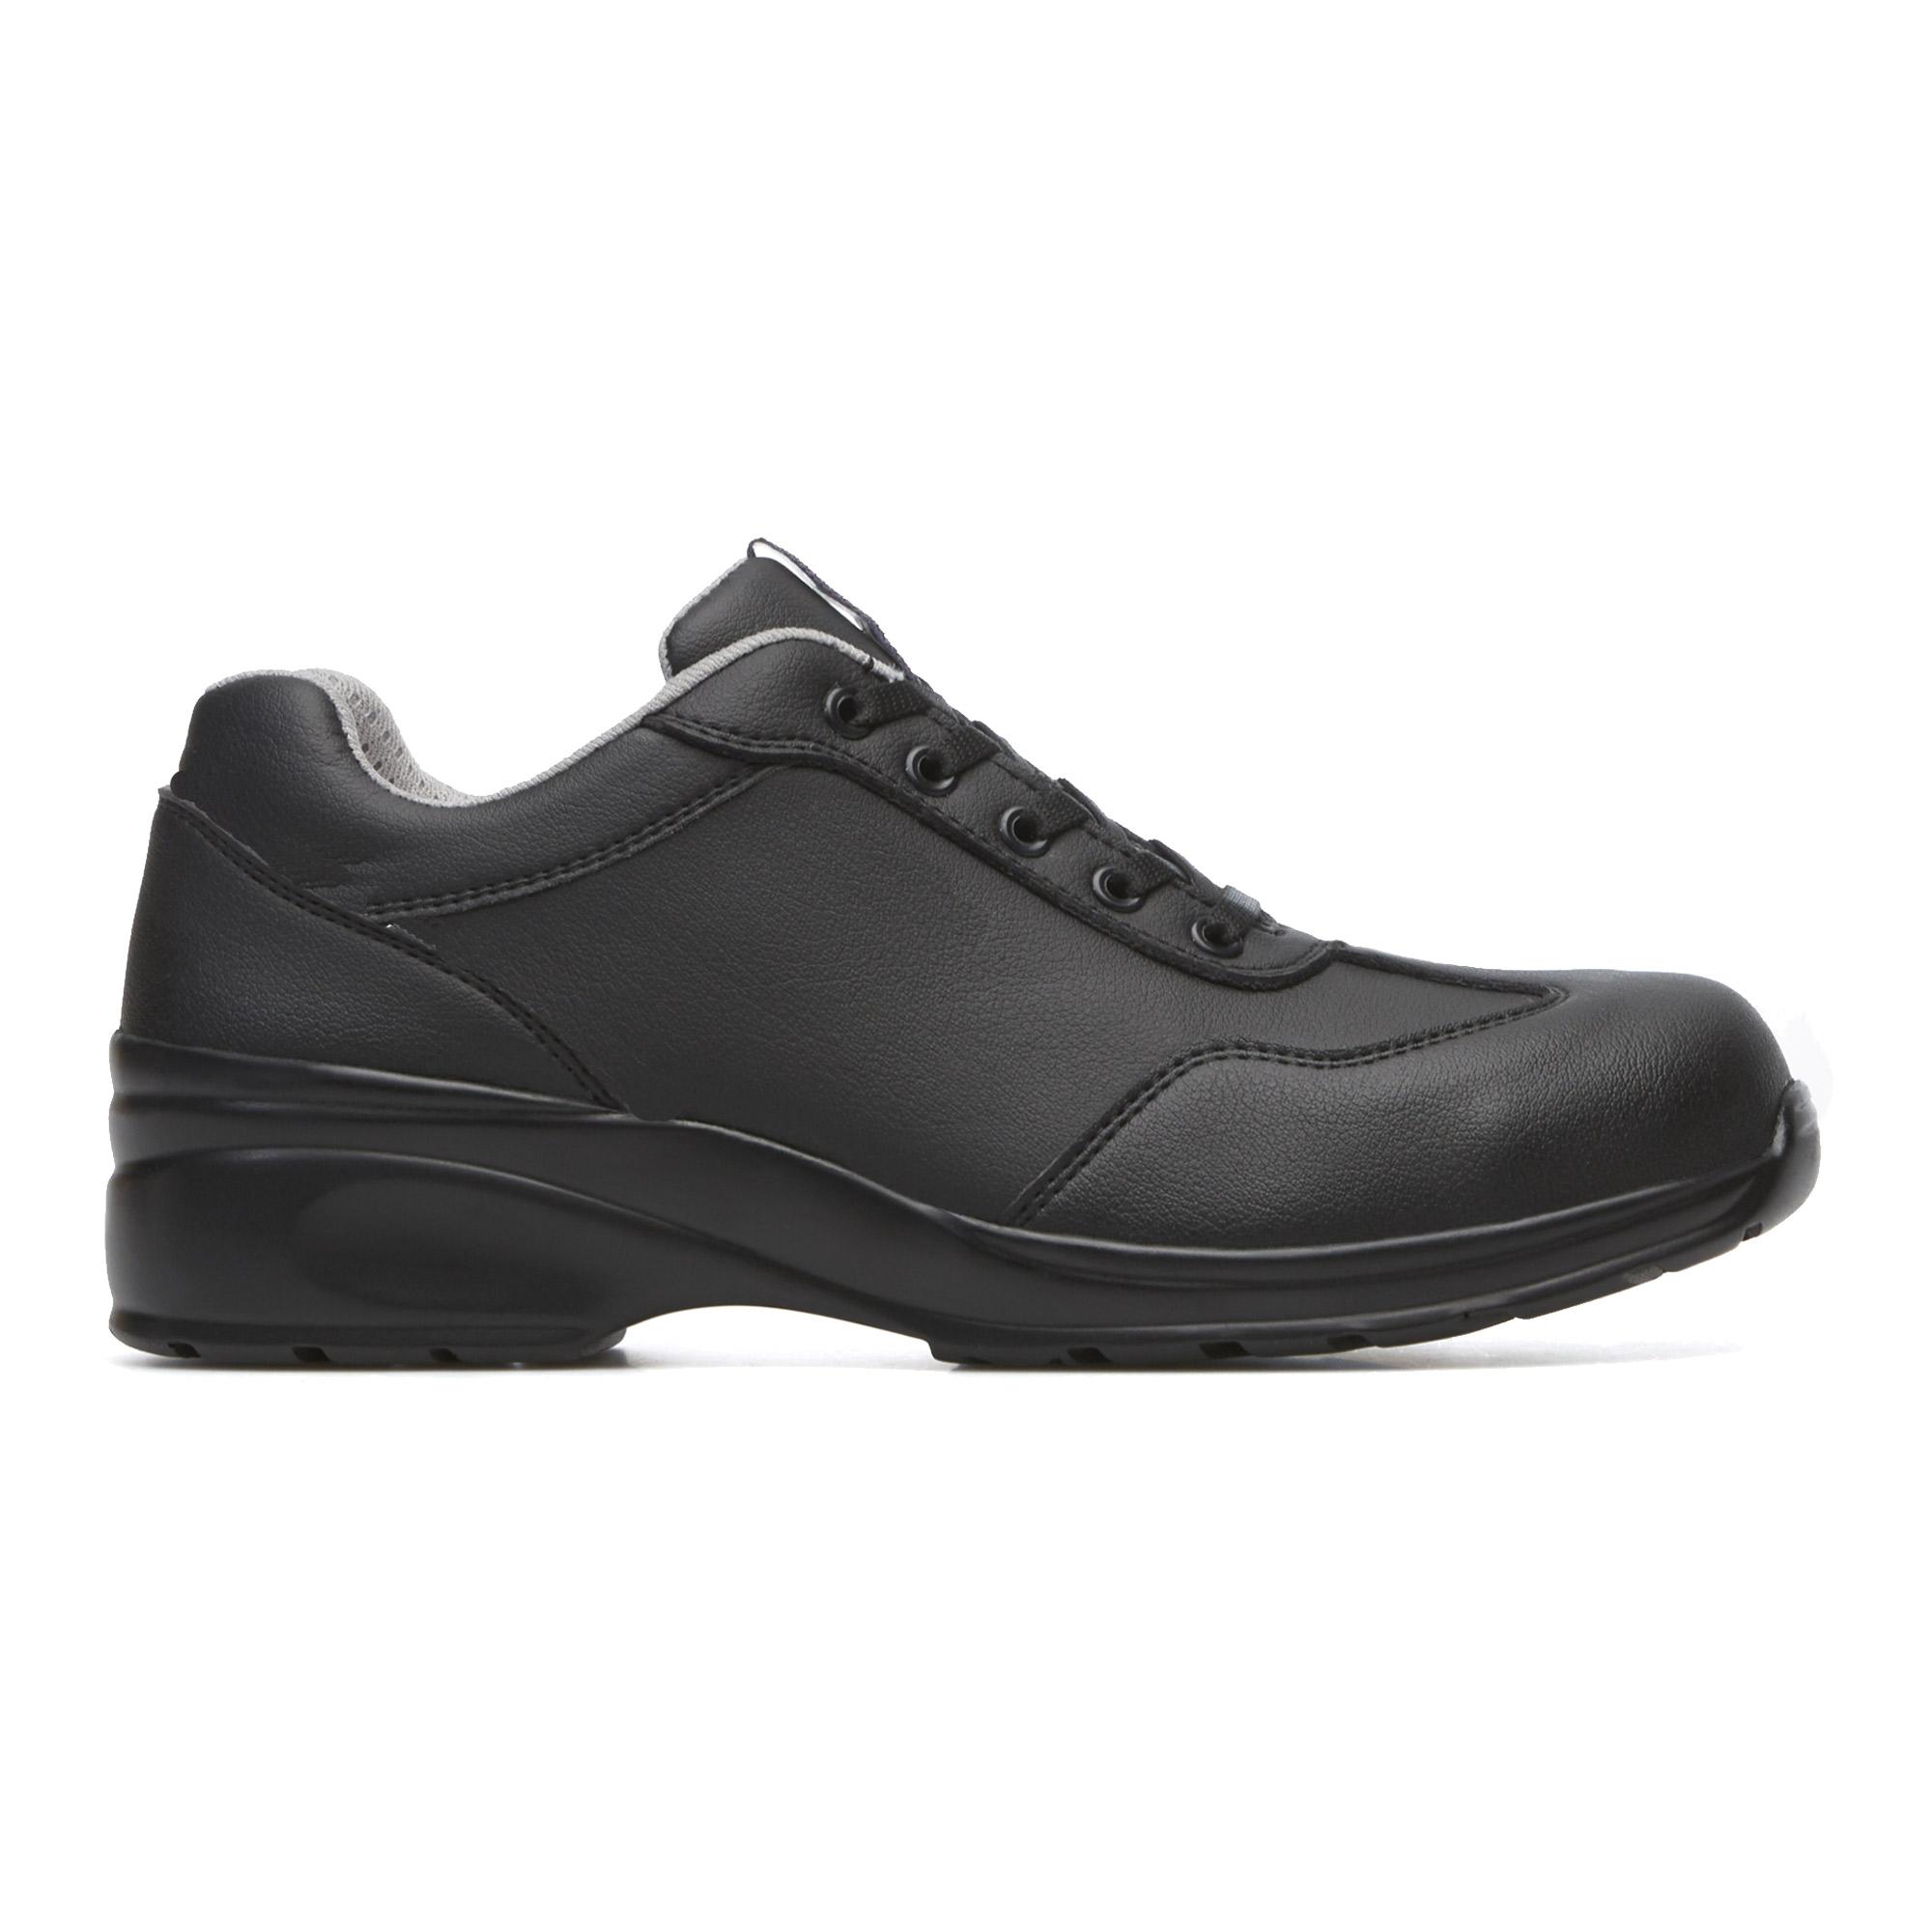 negozi scarpe antinfortunistiche civitanova marche